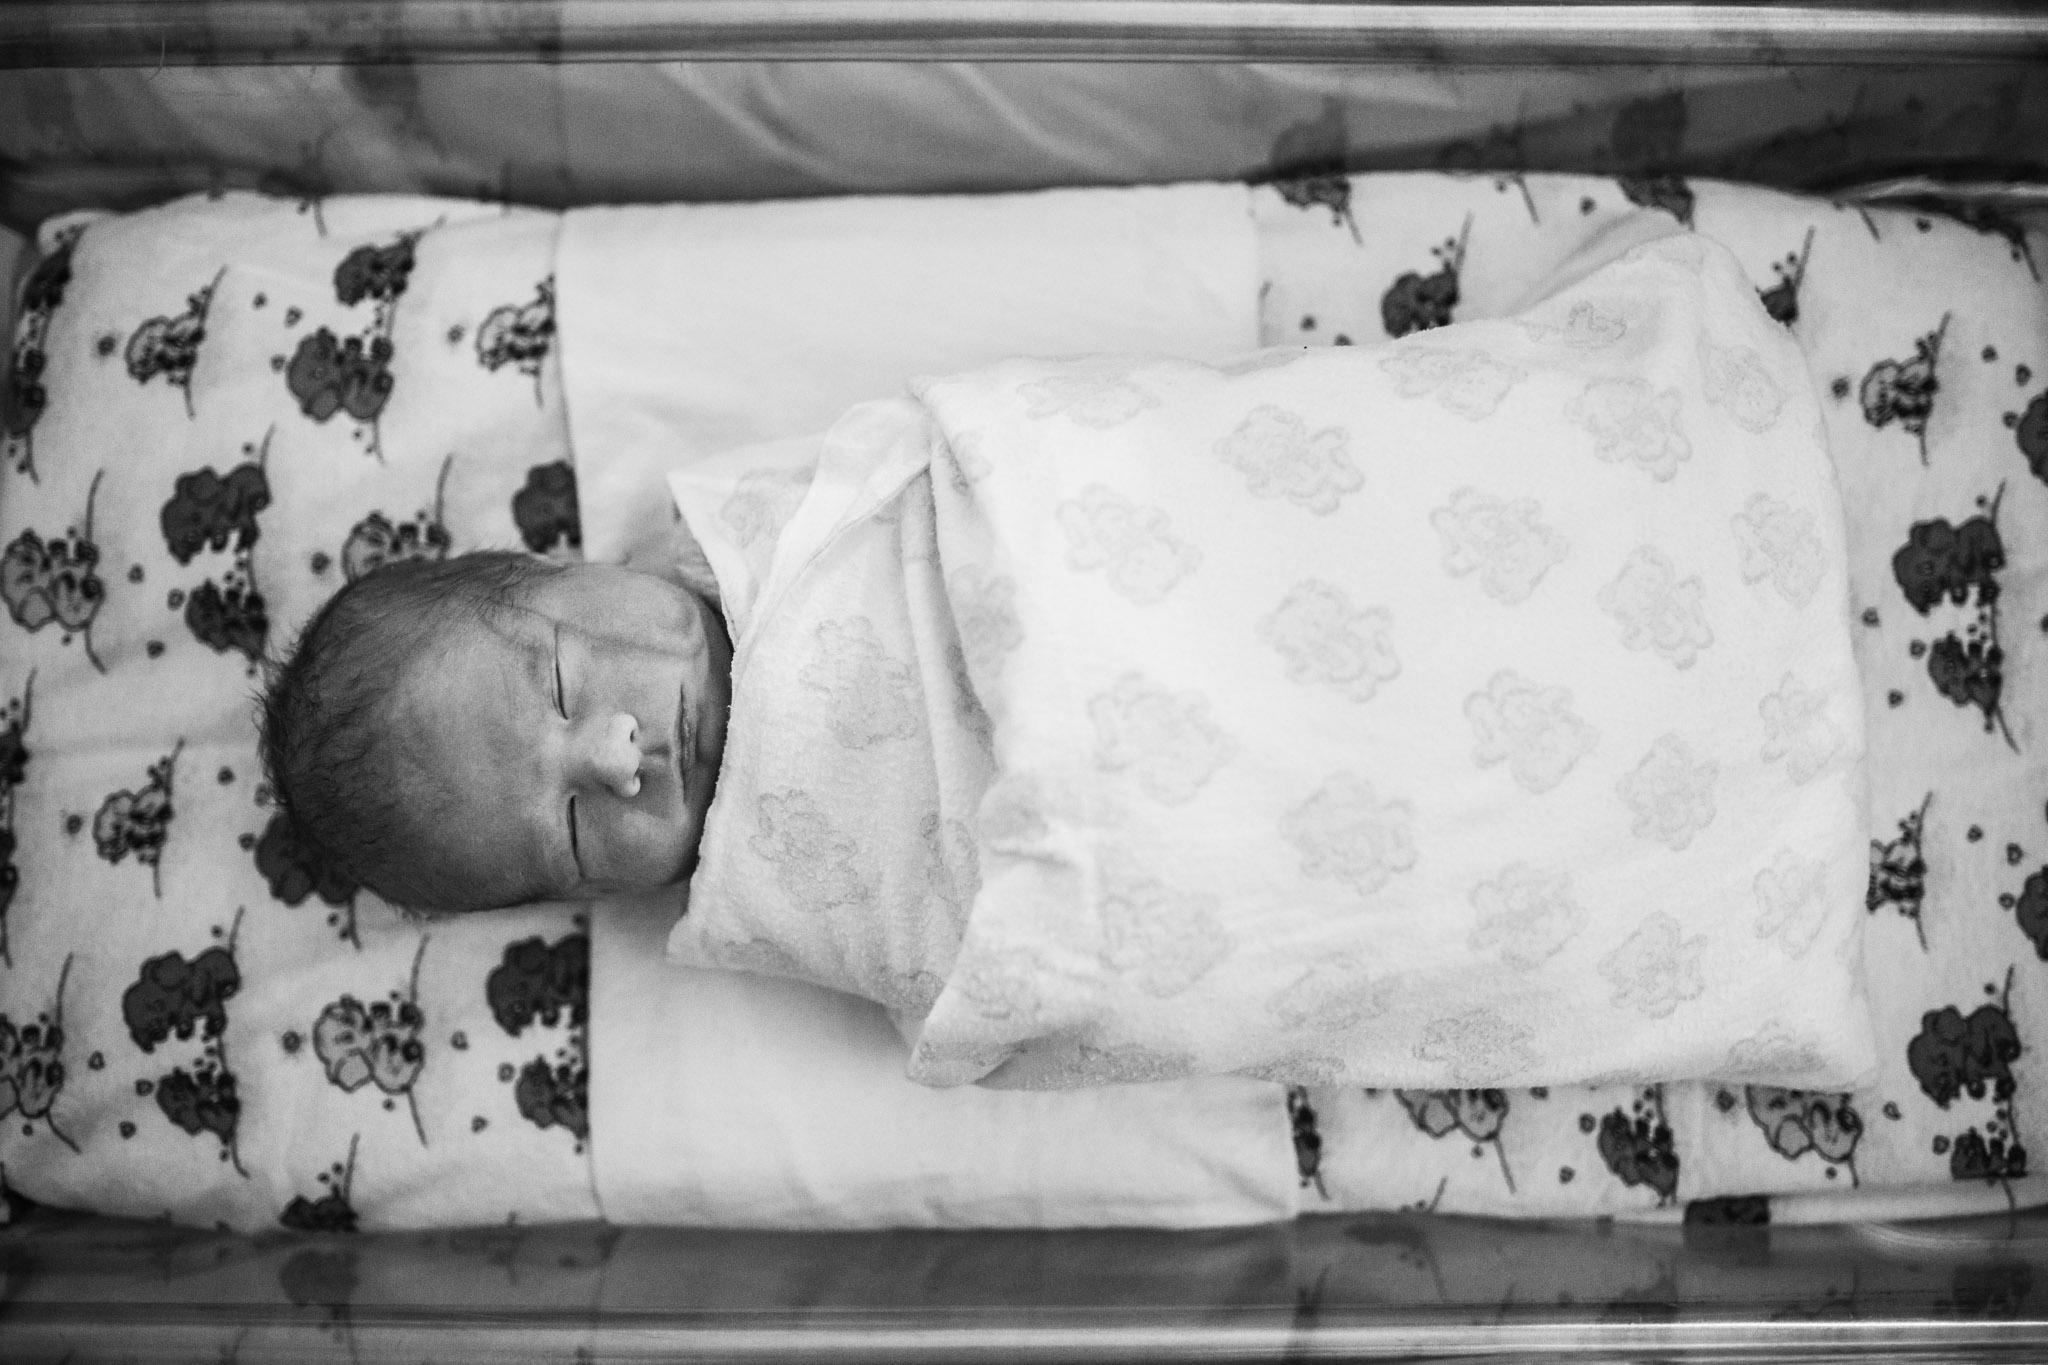 baby-sleeping-in-hospital-bassinet (1 of 1)-2.jpg